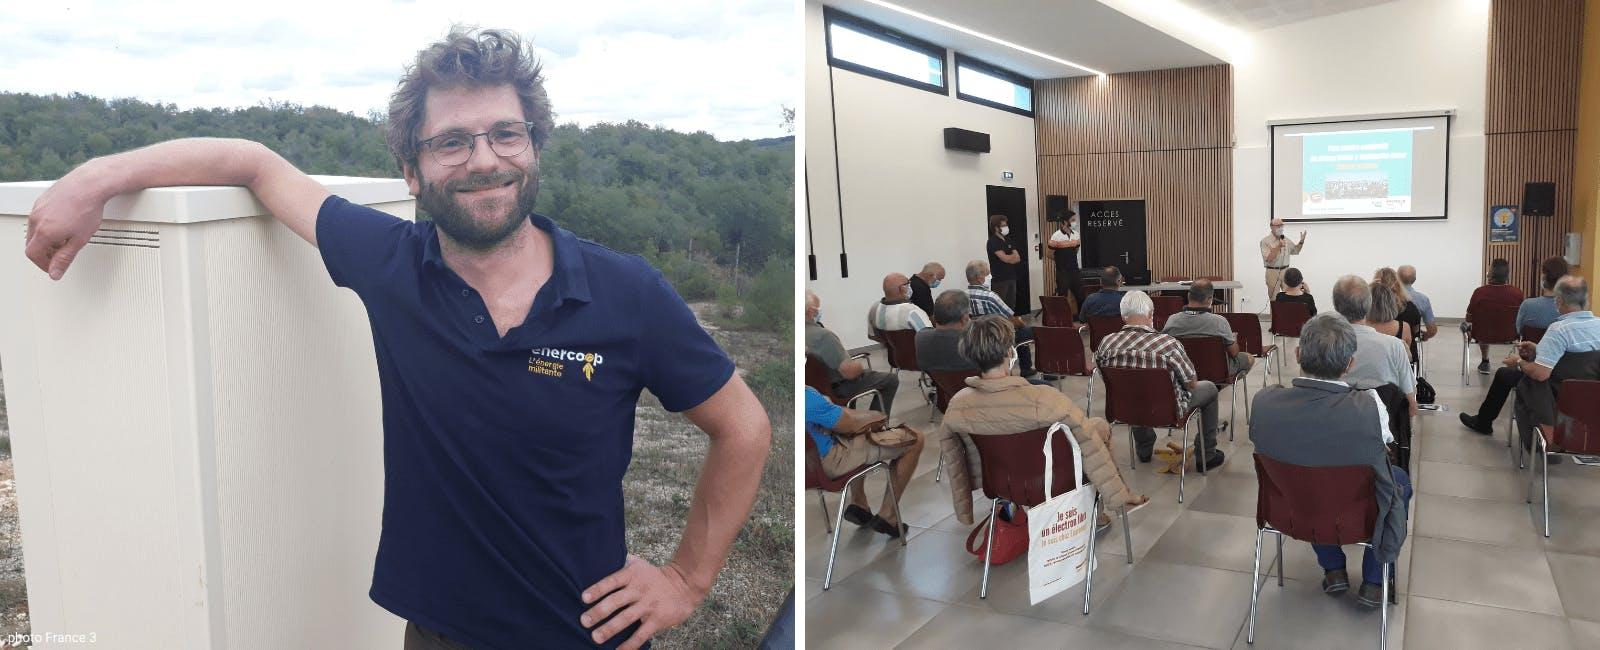 Réunion publique pour le parc solaire à Lachapelle Auzac - Enercoop Midi-Pyrénées